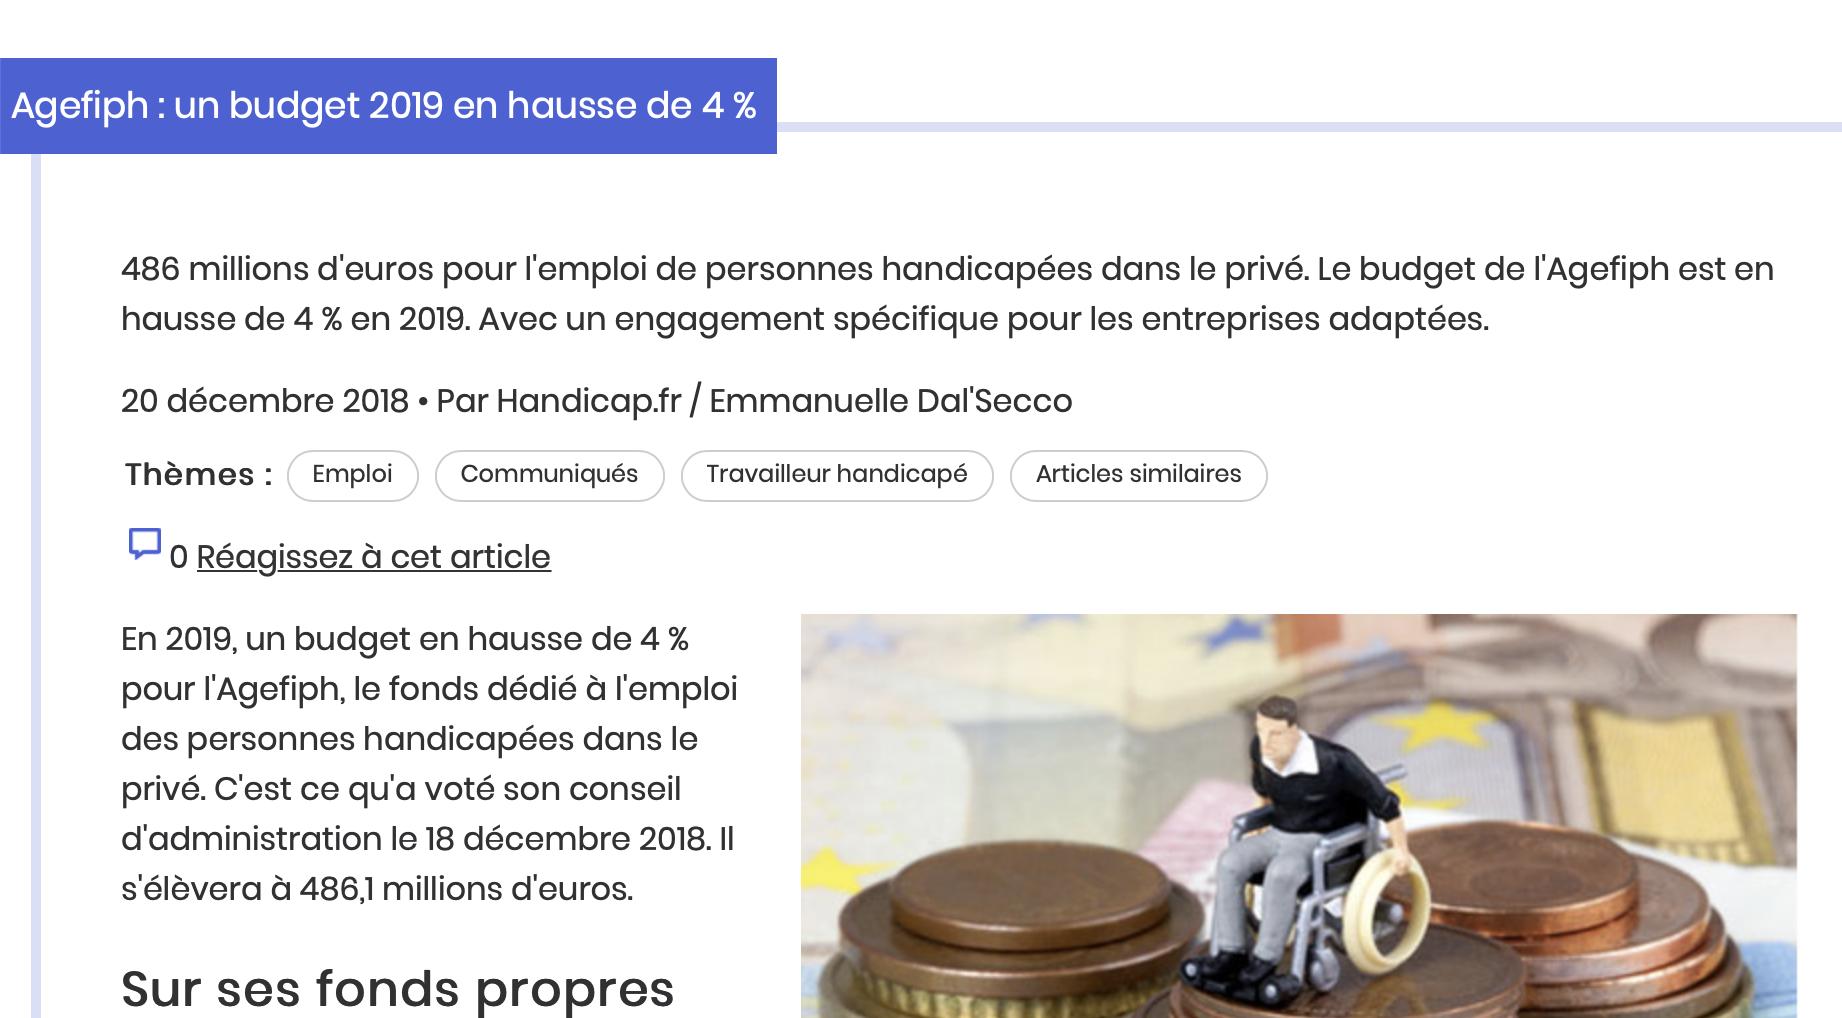 Agefiph Budget 2019 Emploi Personnes Handicapees Communiquer